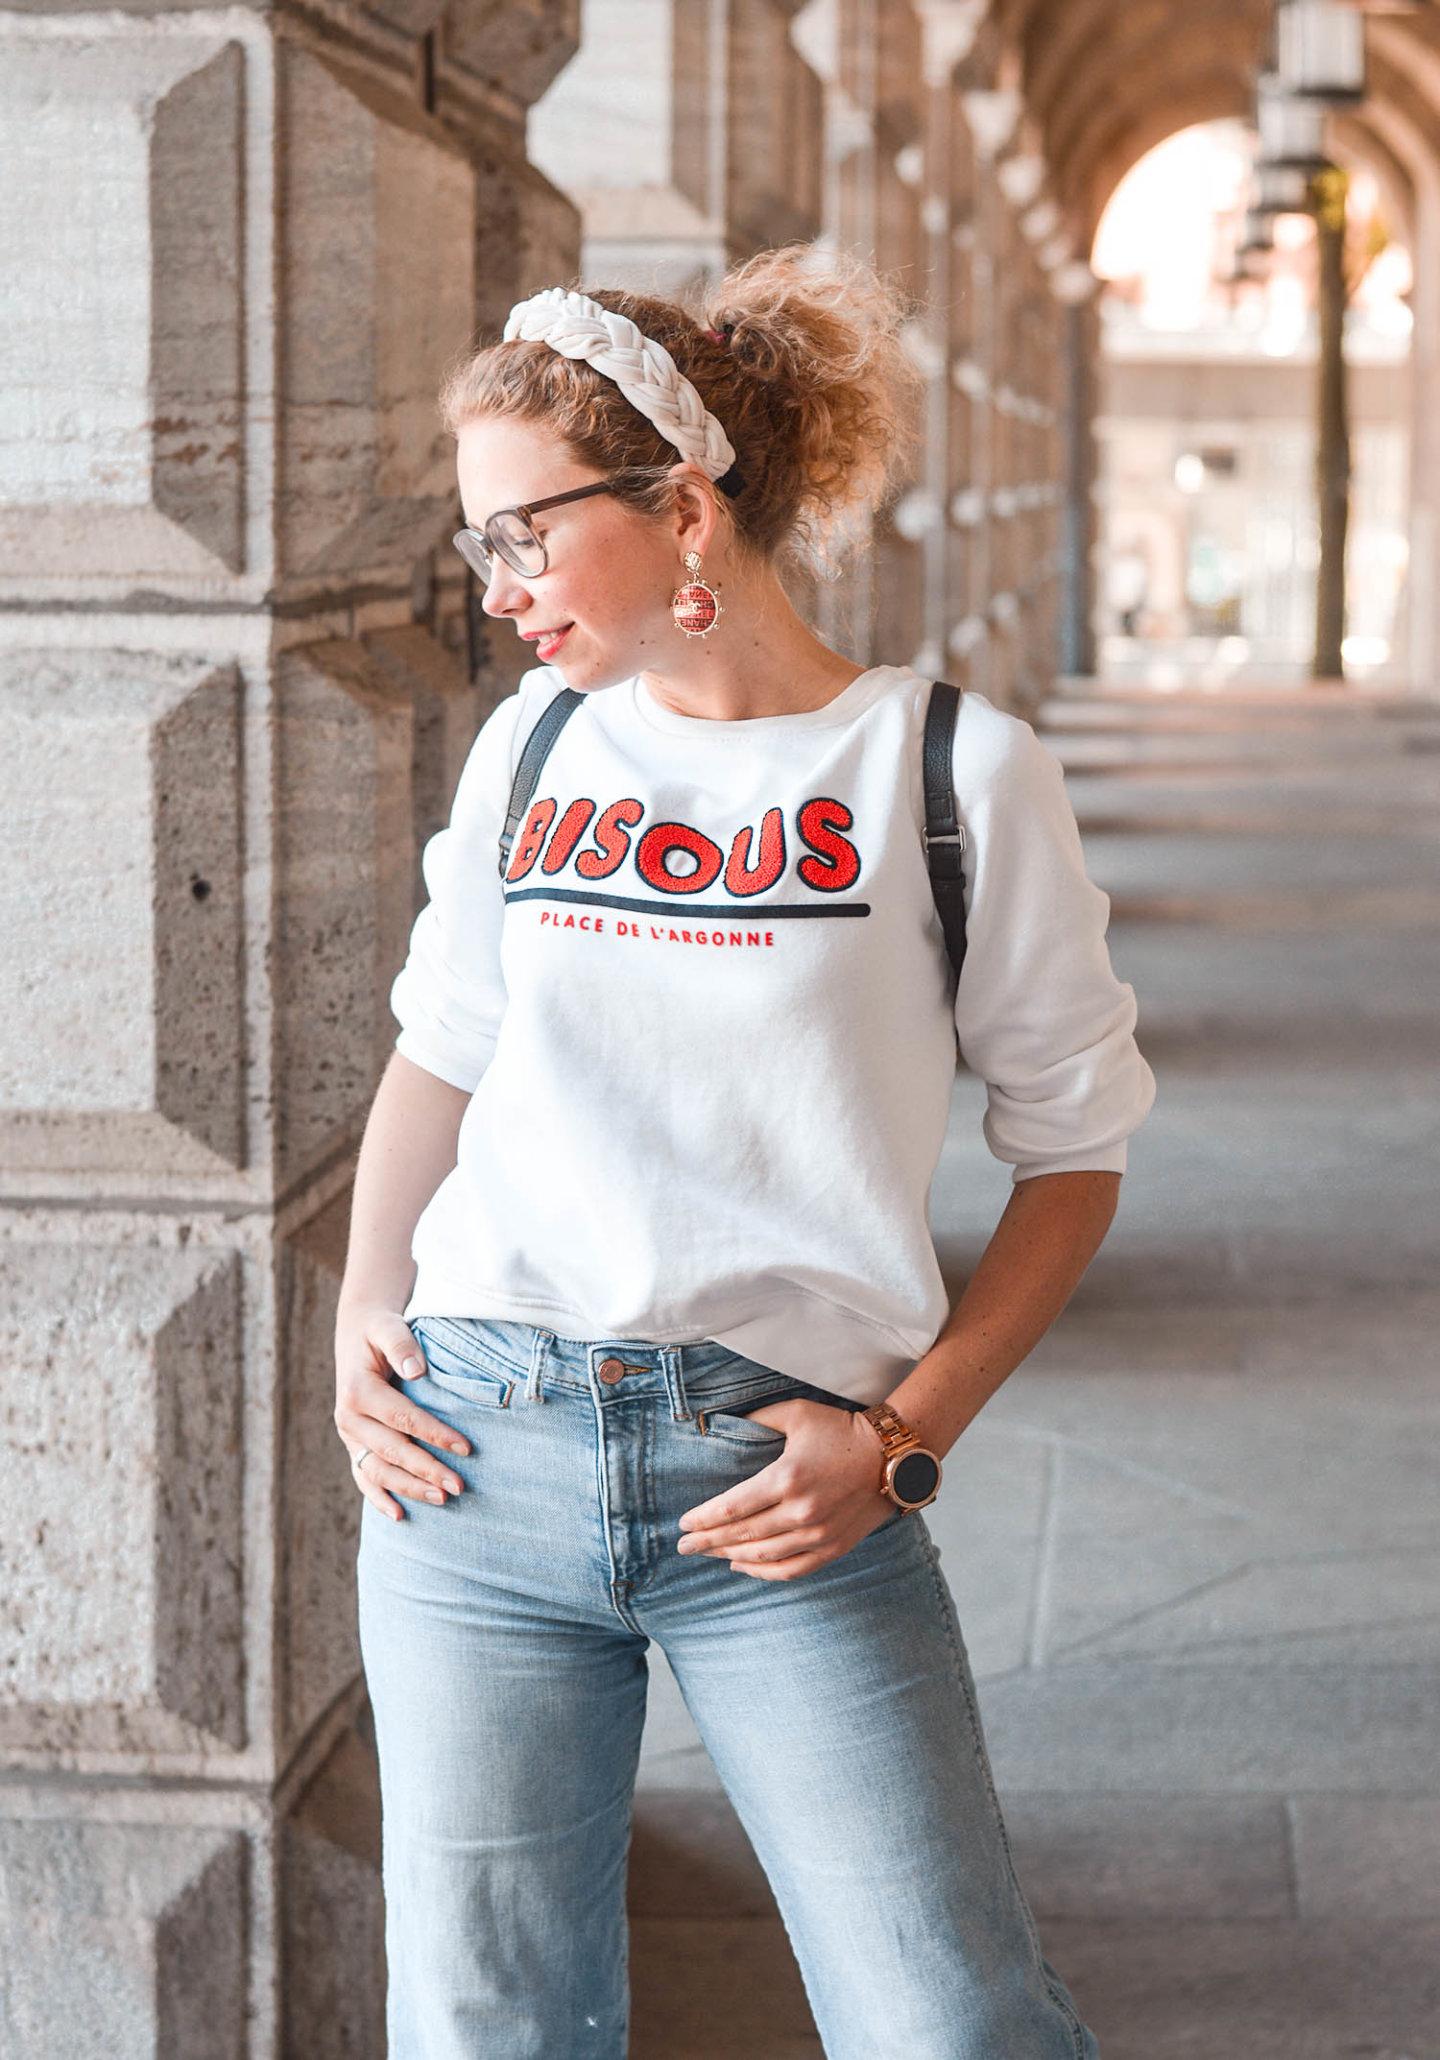 Sweatshirt Trend